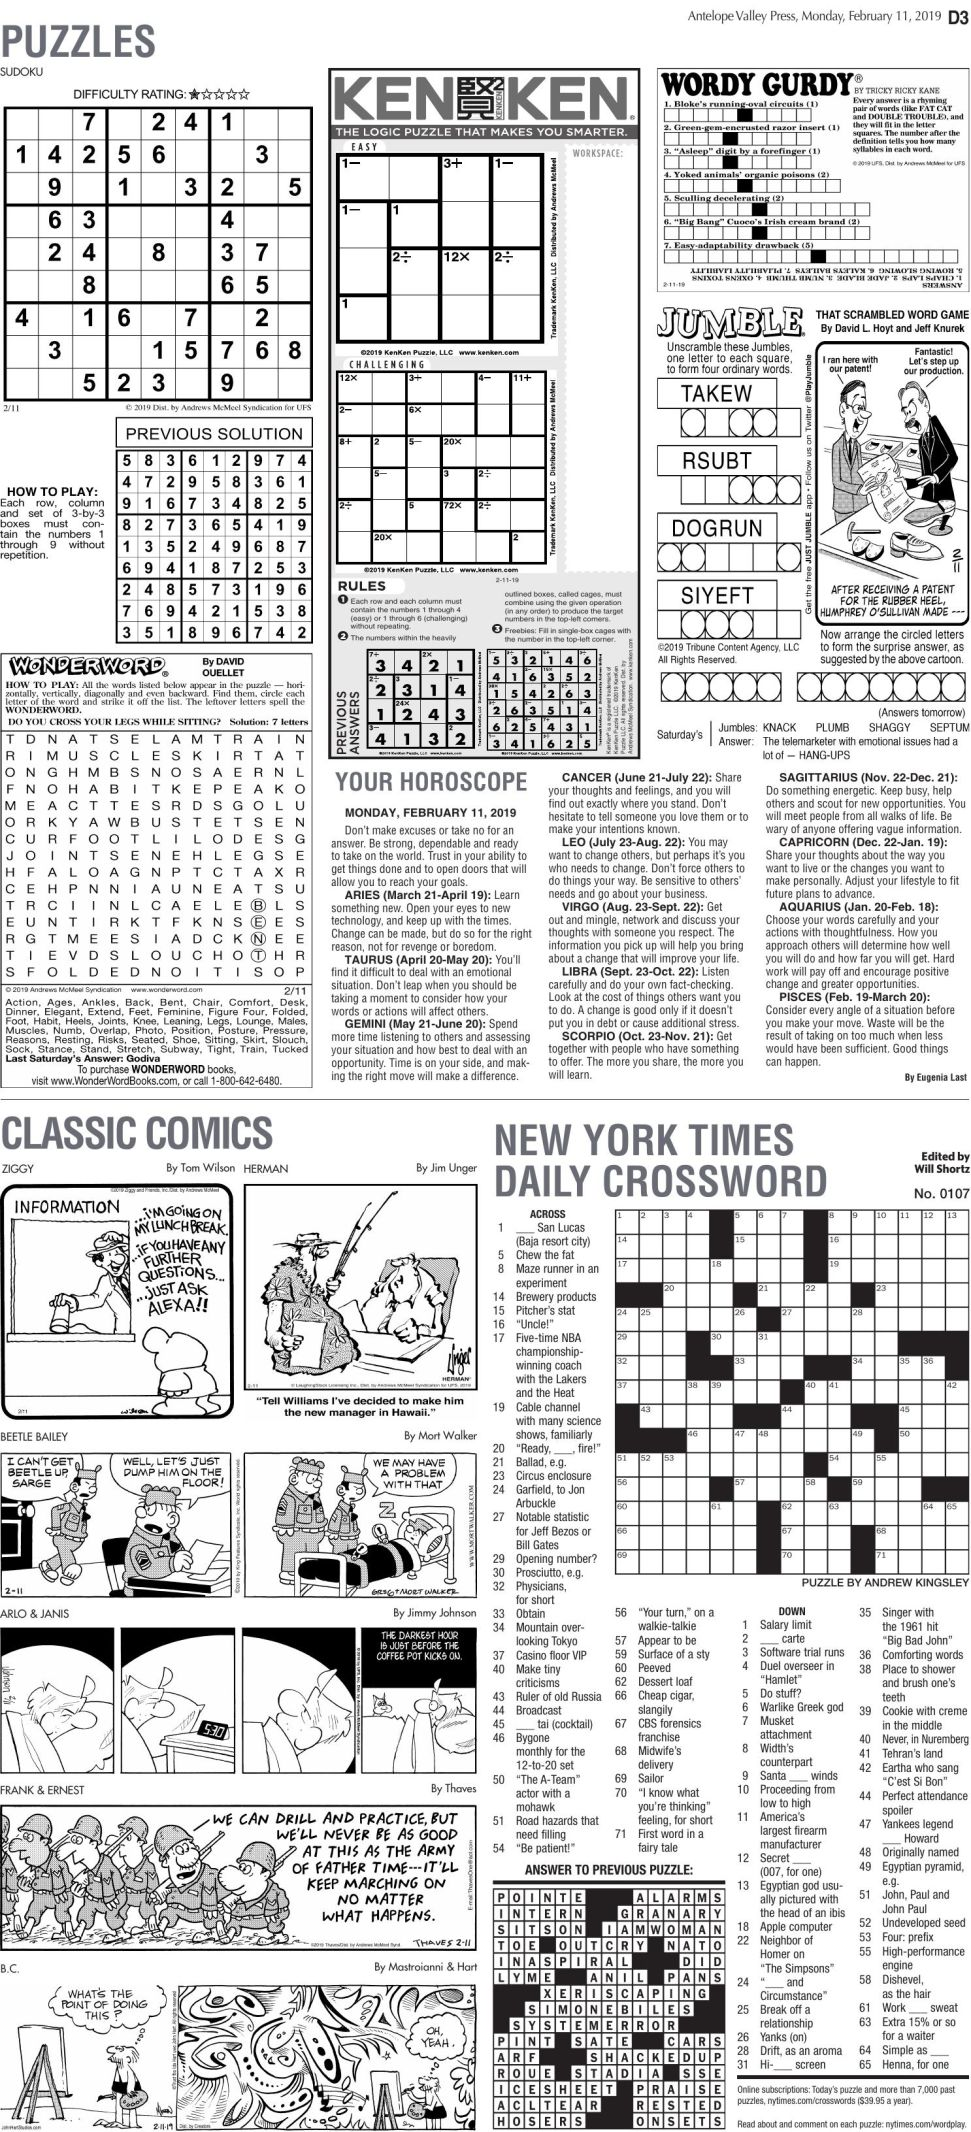 Feb. 11, 2019 Puzzles